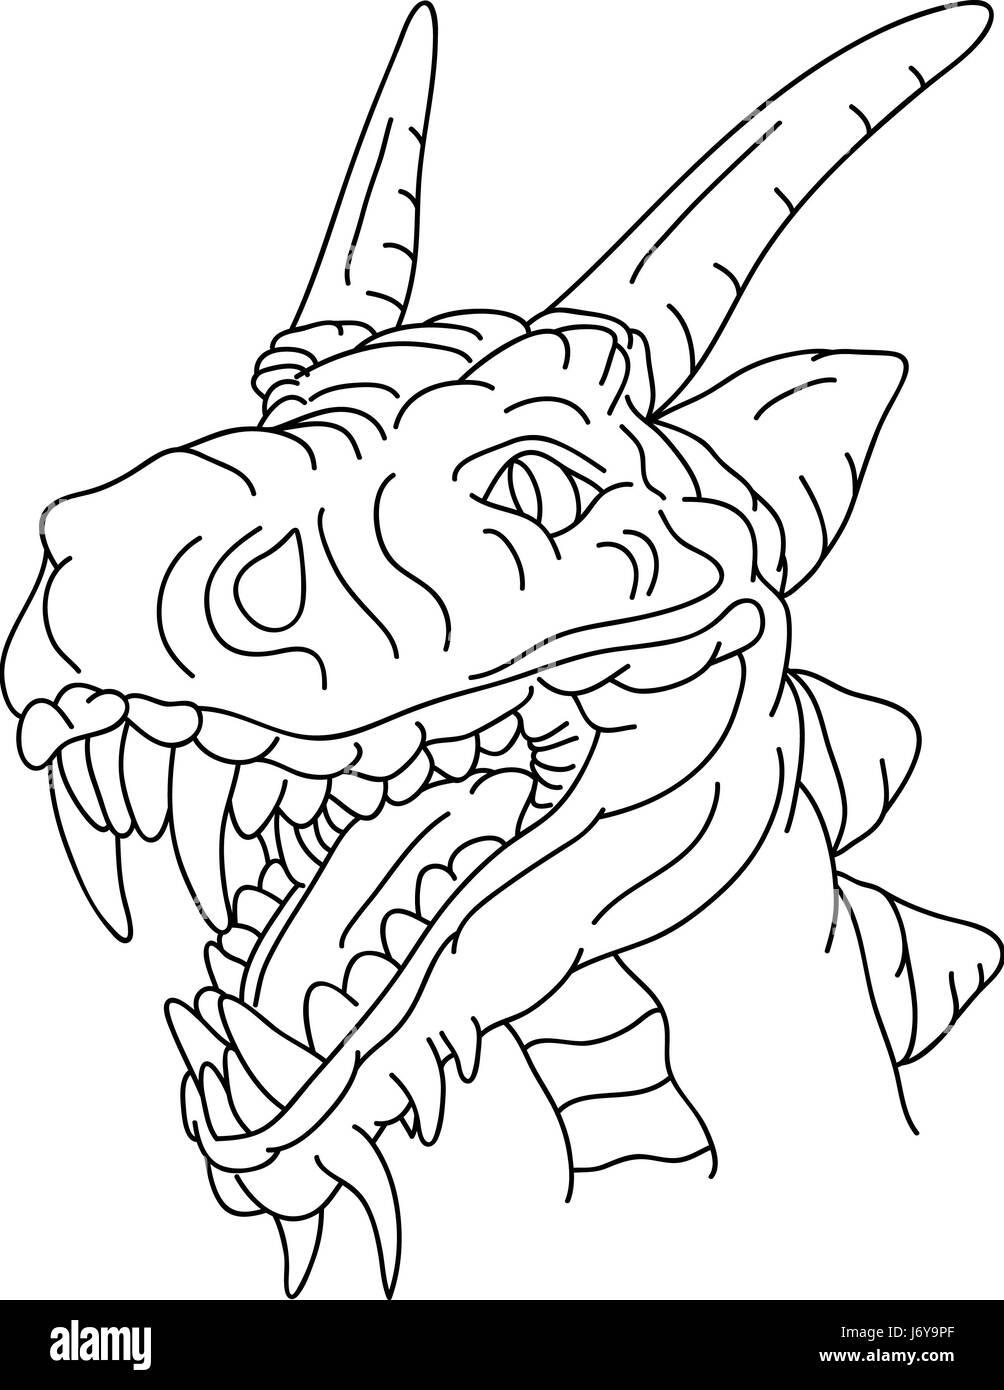 Peinture dessin animé dragon illustration tirage couleur art graphique danger isolé animal